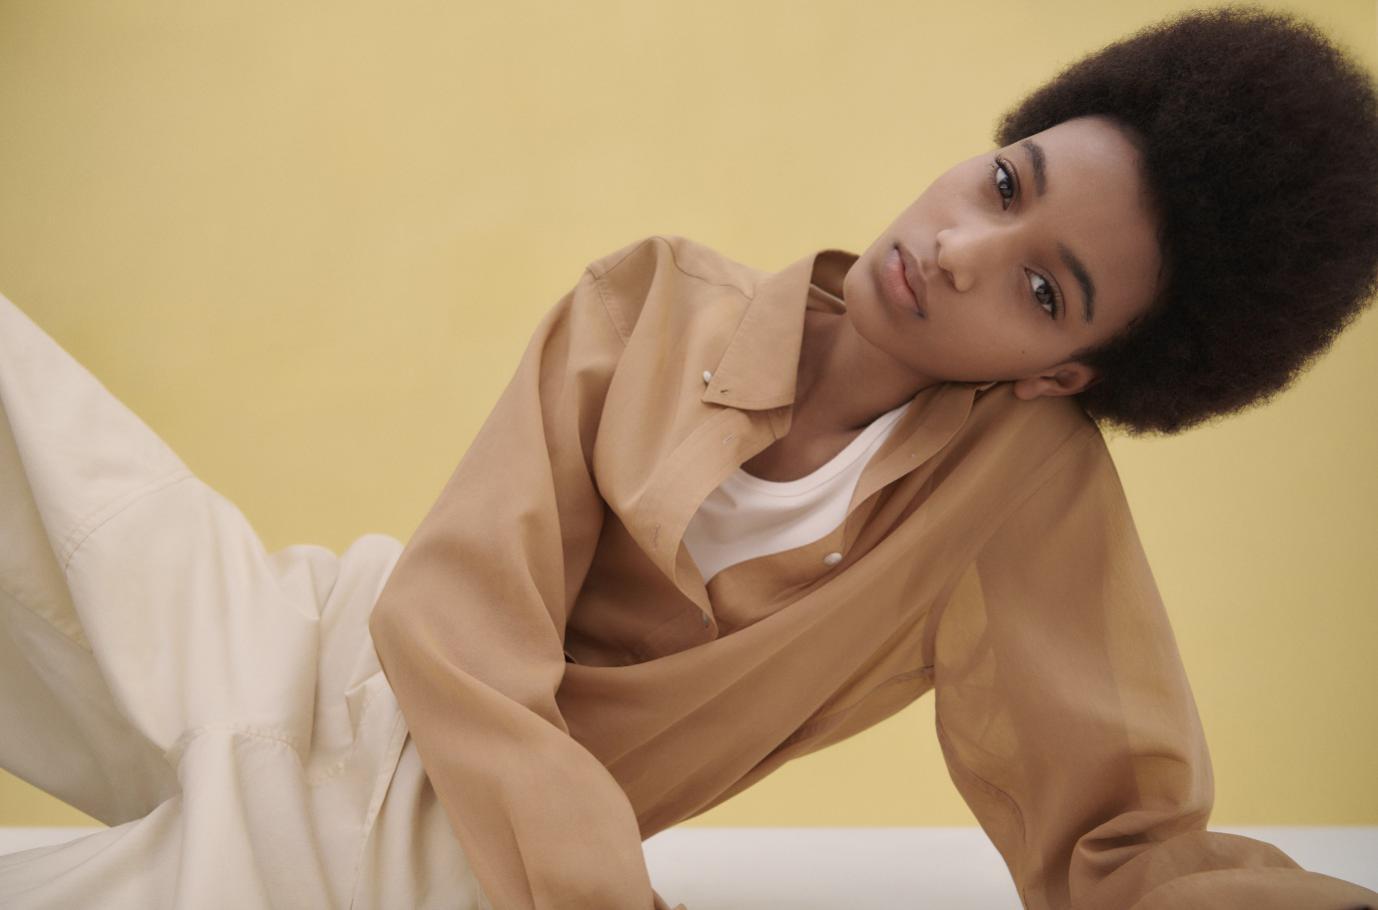 Góc nhìn mới về thời trang từ những trang phục thiết yếu cùng Christophe Lemaire và UNIQLO U - Ảnh 3.